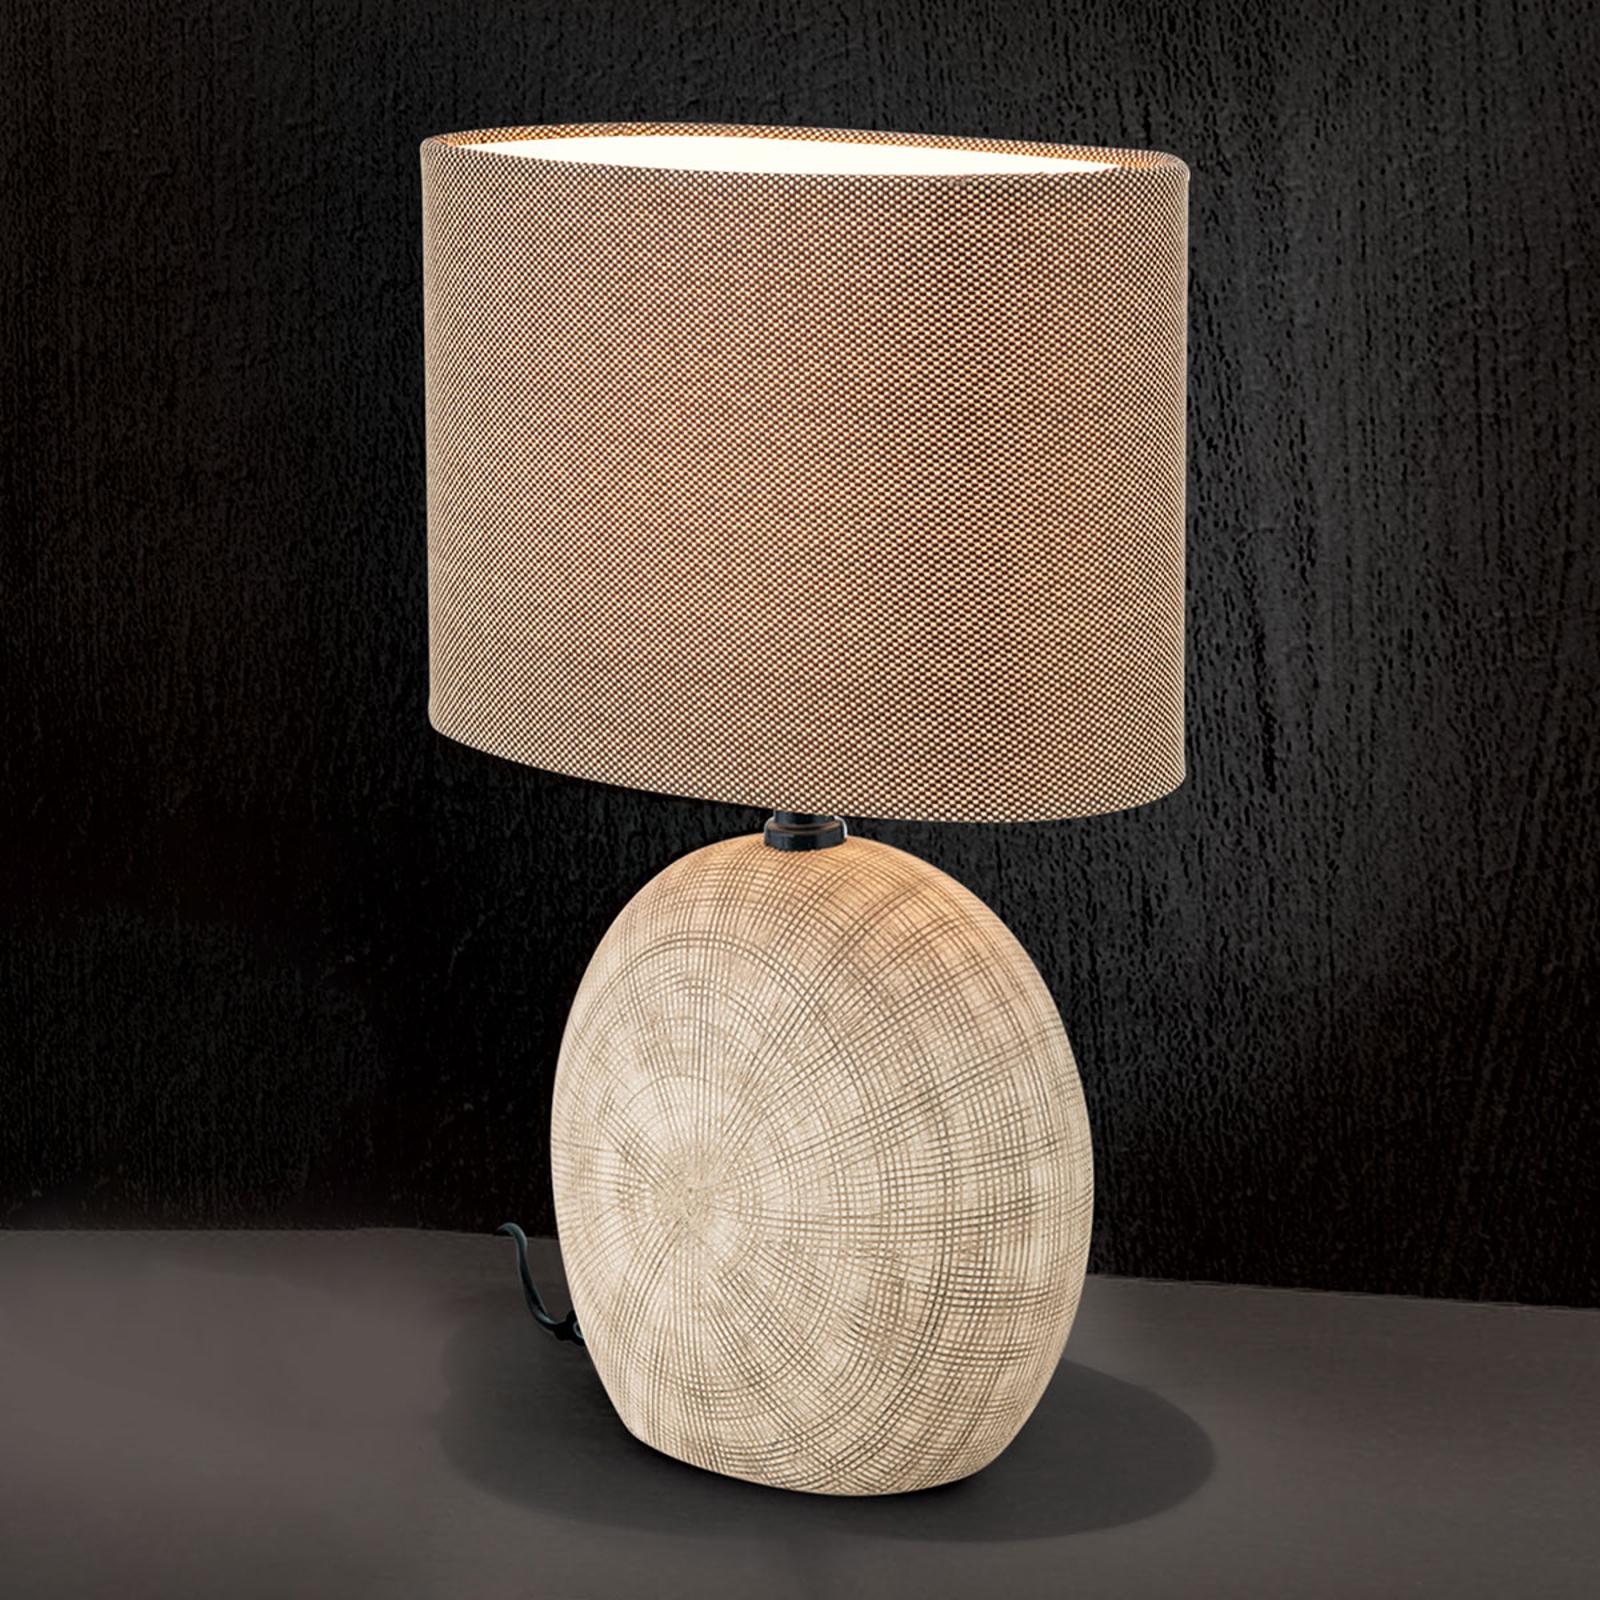 Keramische tafellamp Ethno 52 cm bruin, voet cotto